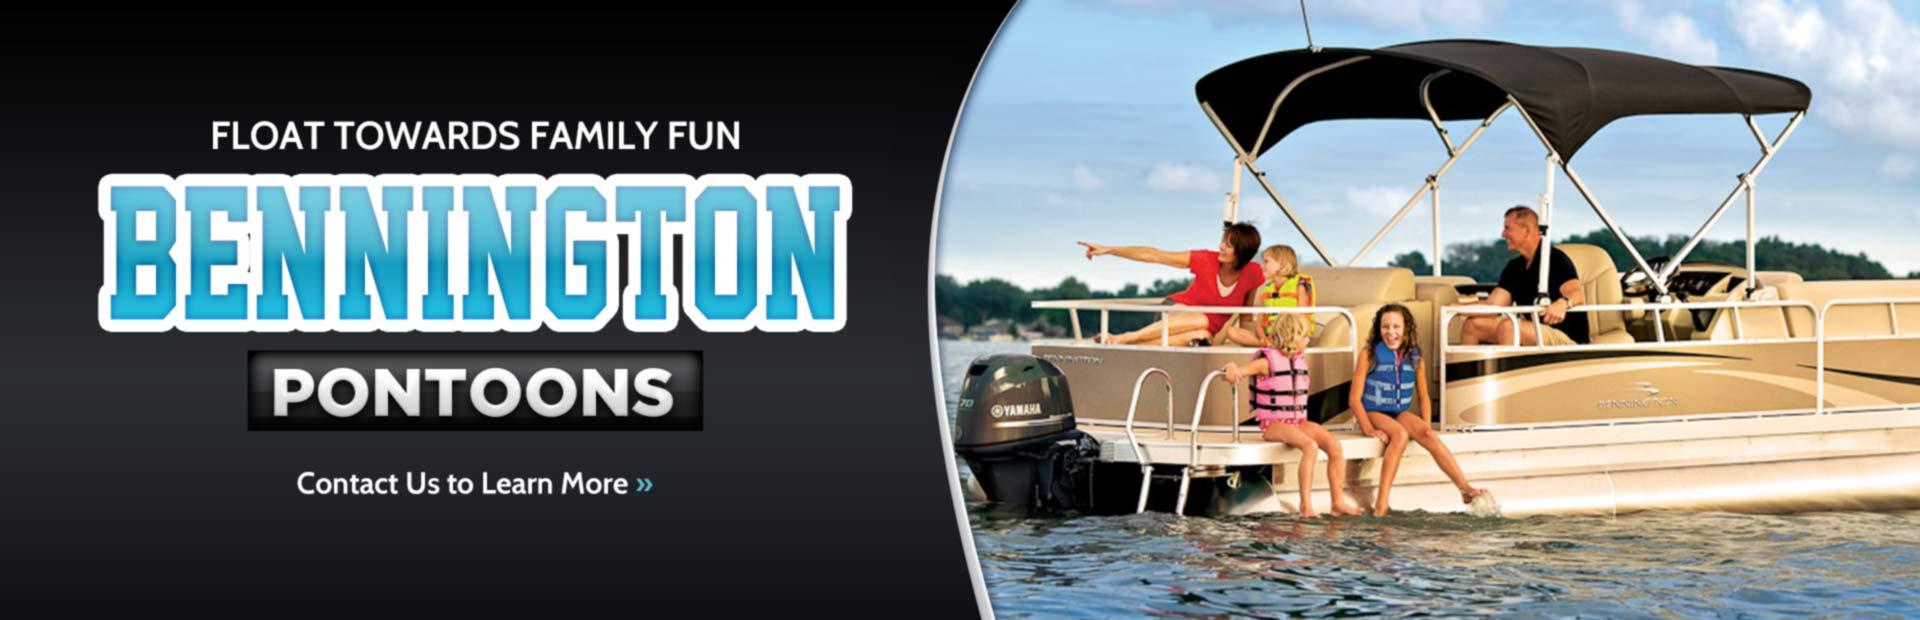 Click here to contact us about Bennington pontoons.